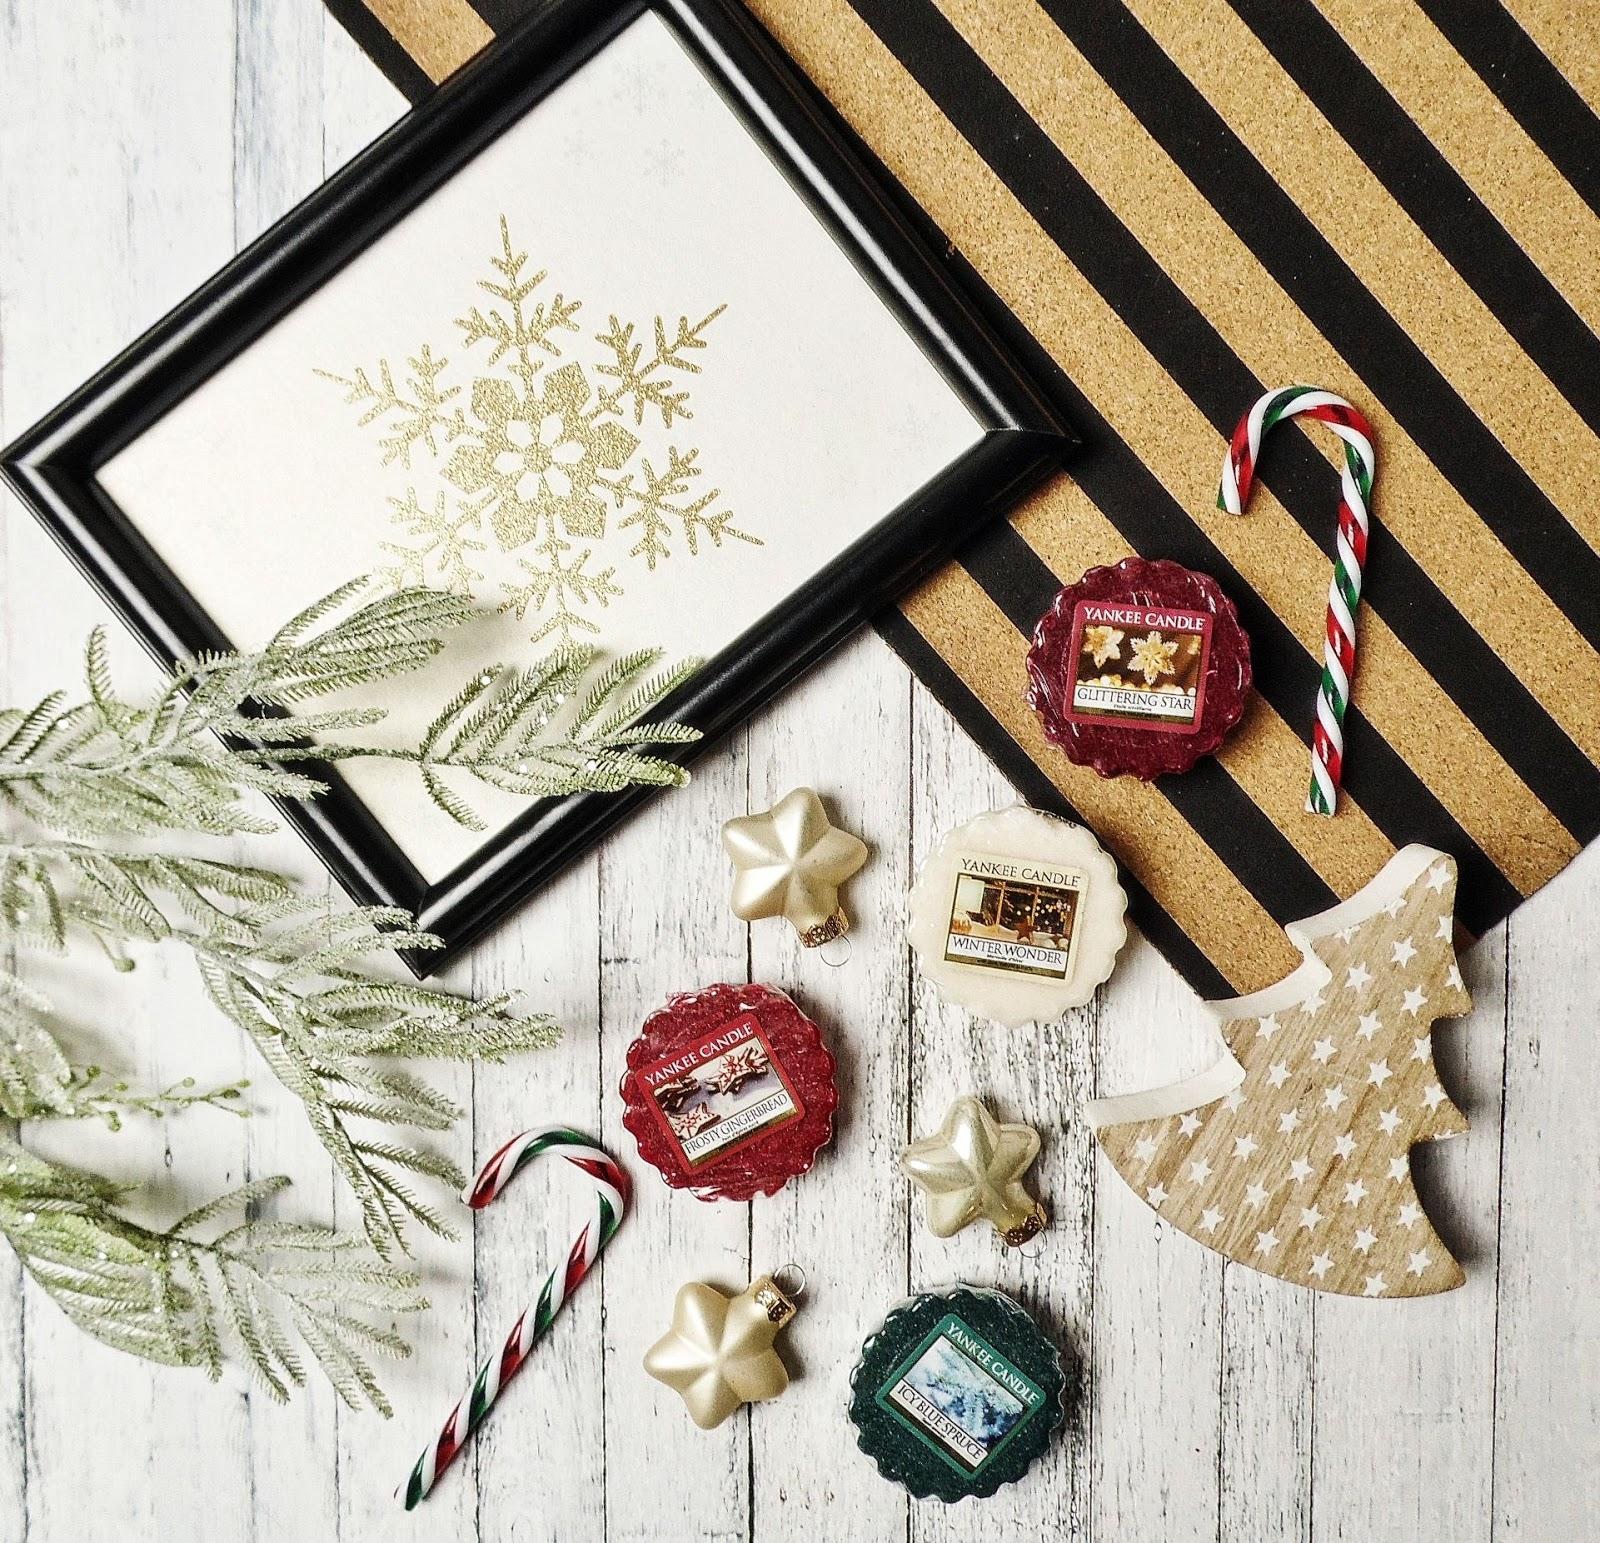 Yankee Candle Holiday Sparkle -świąteczne woski z kolekcji Q4